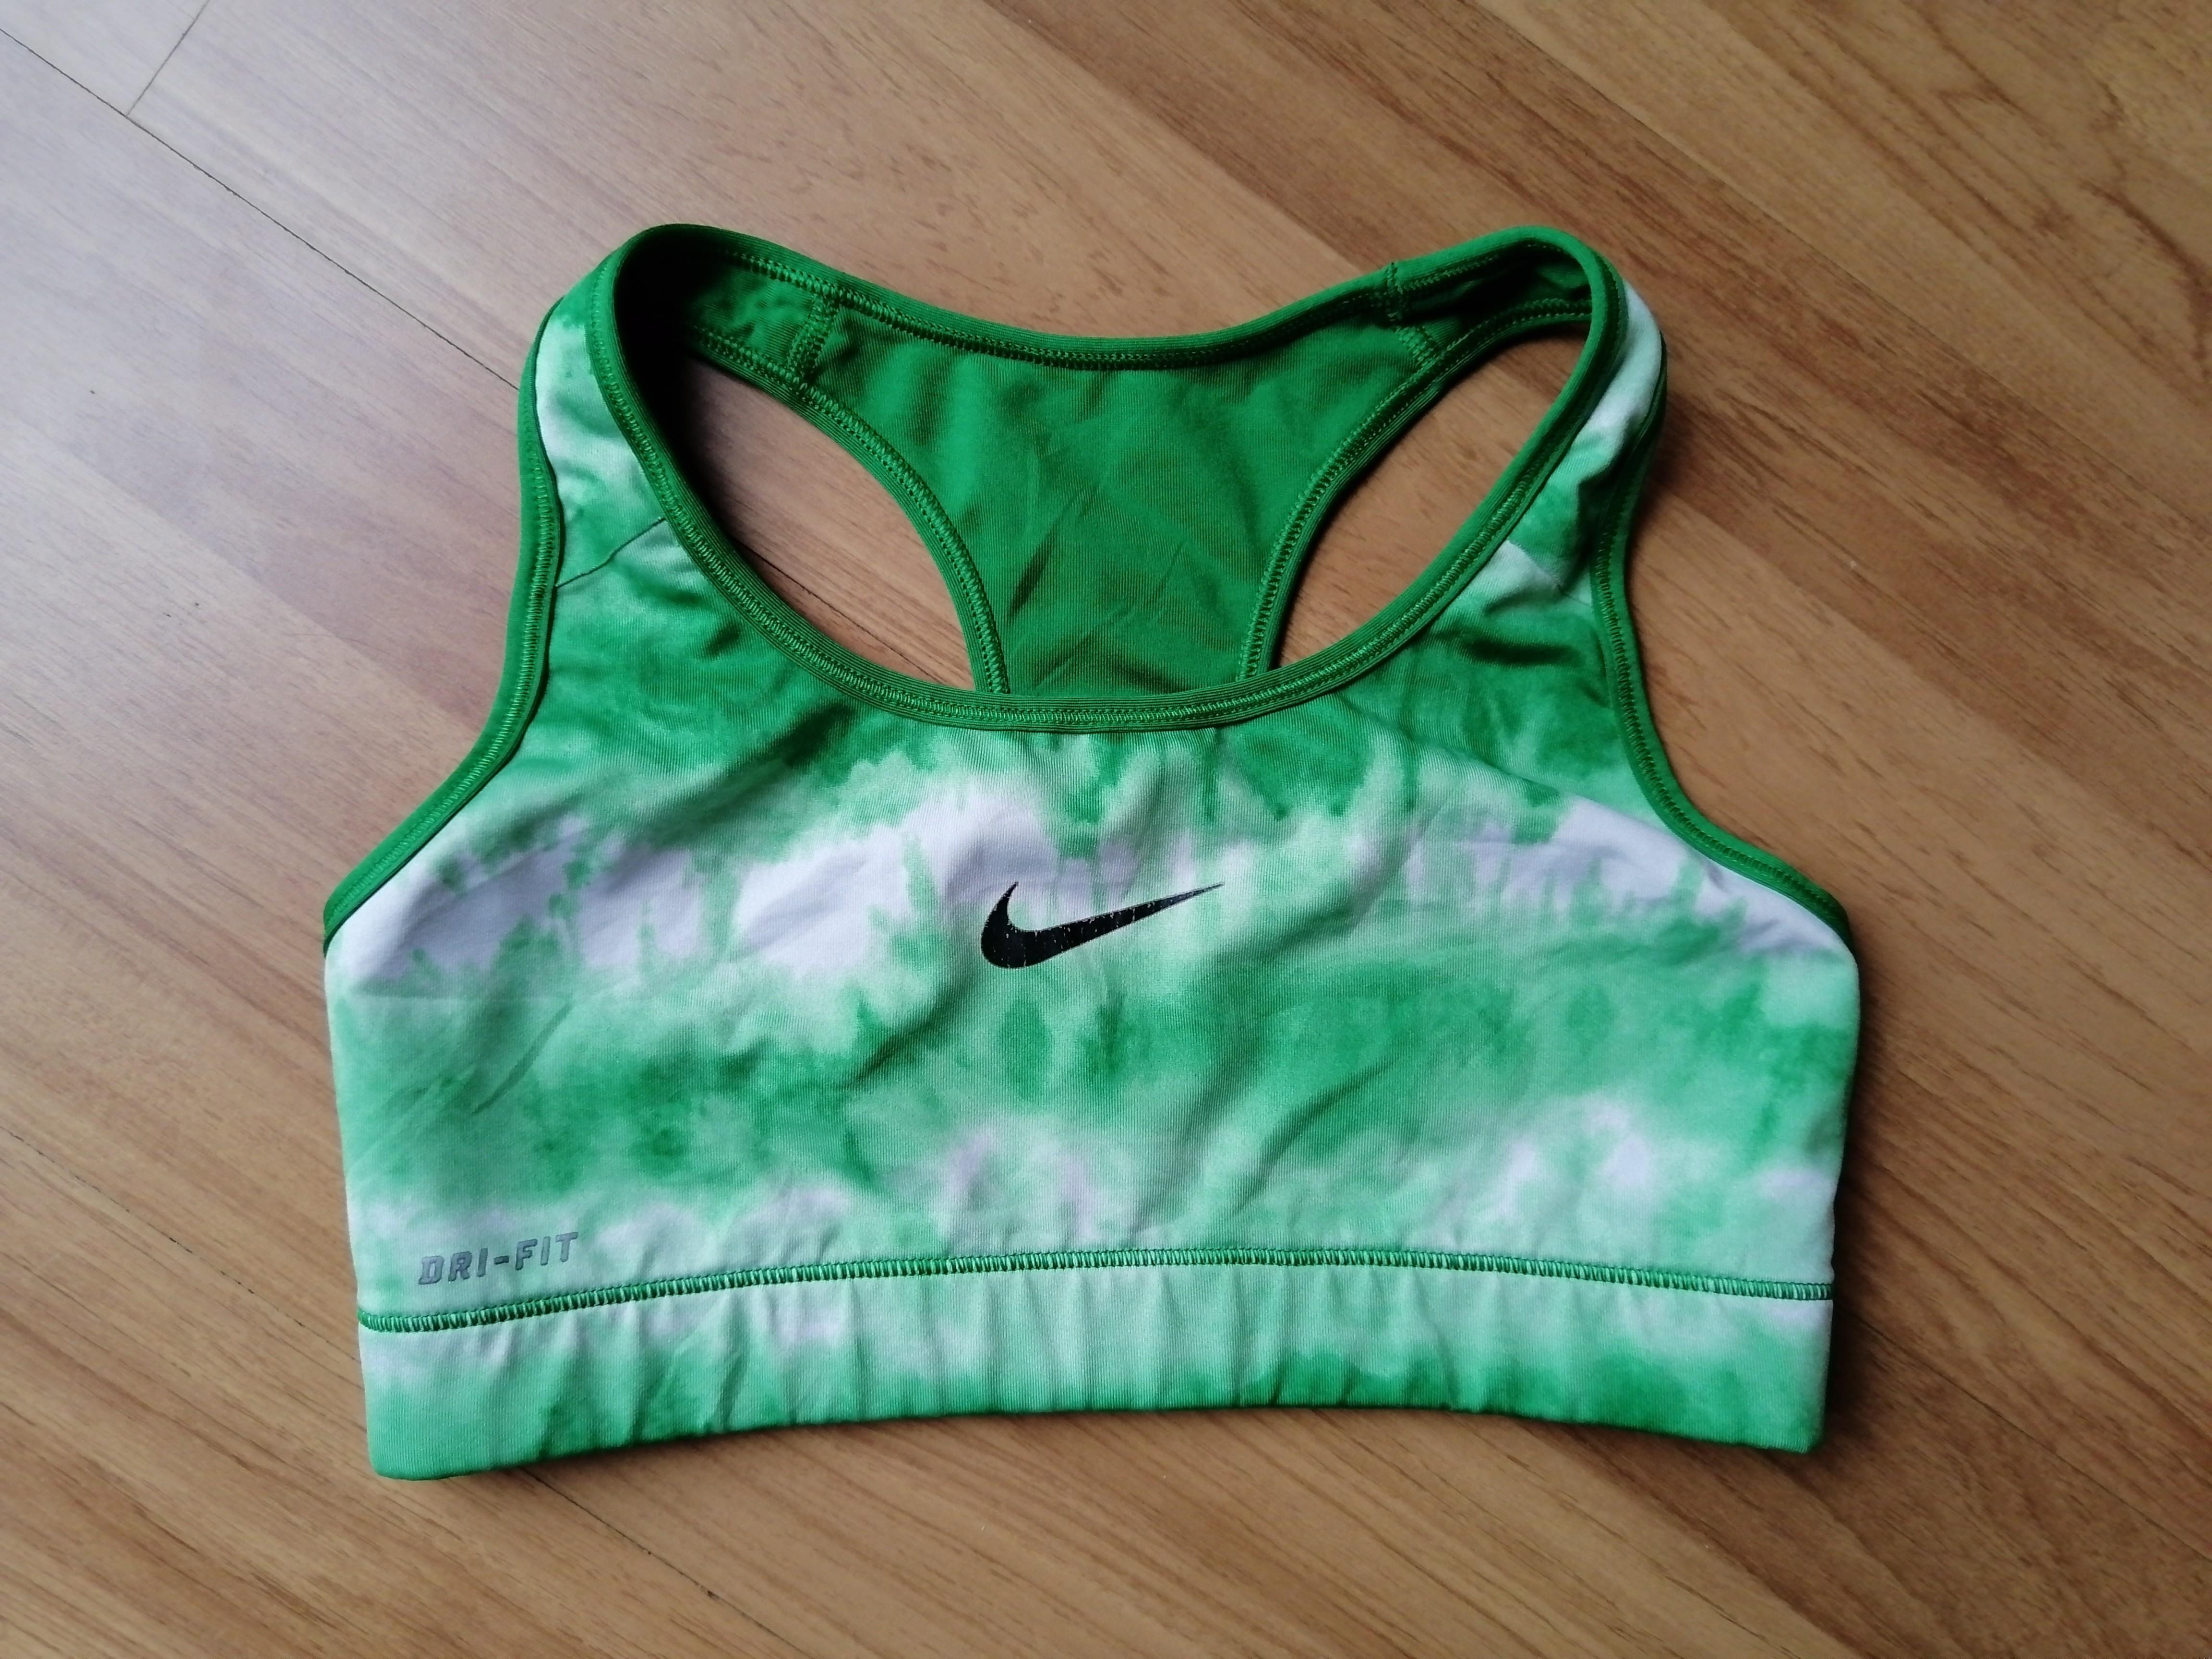 Nike Dri-fit Sports Bra, Size S